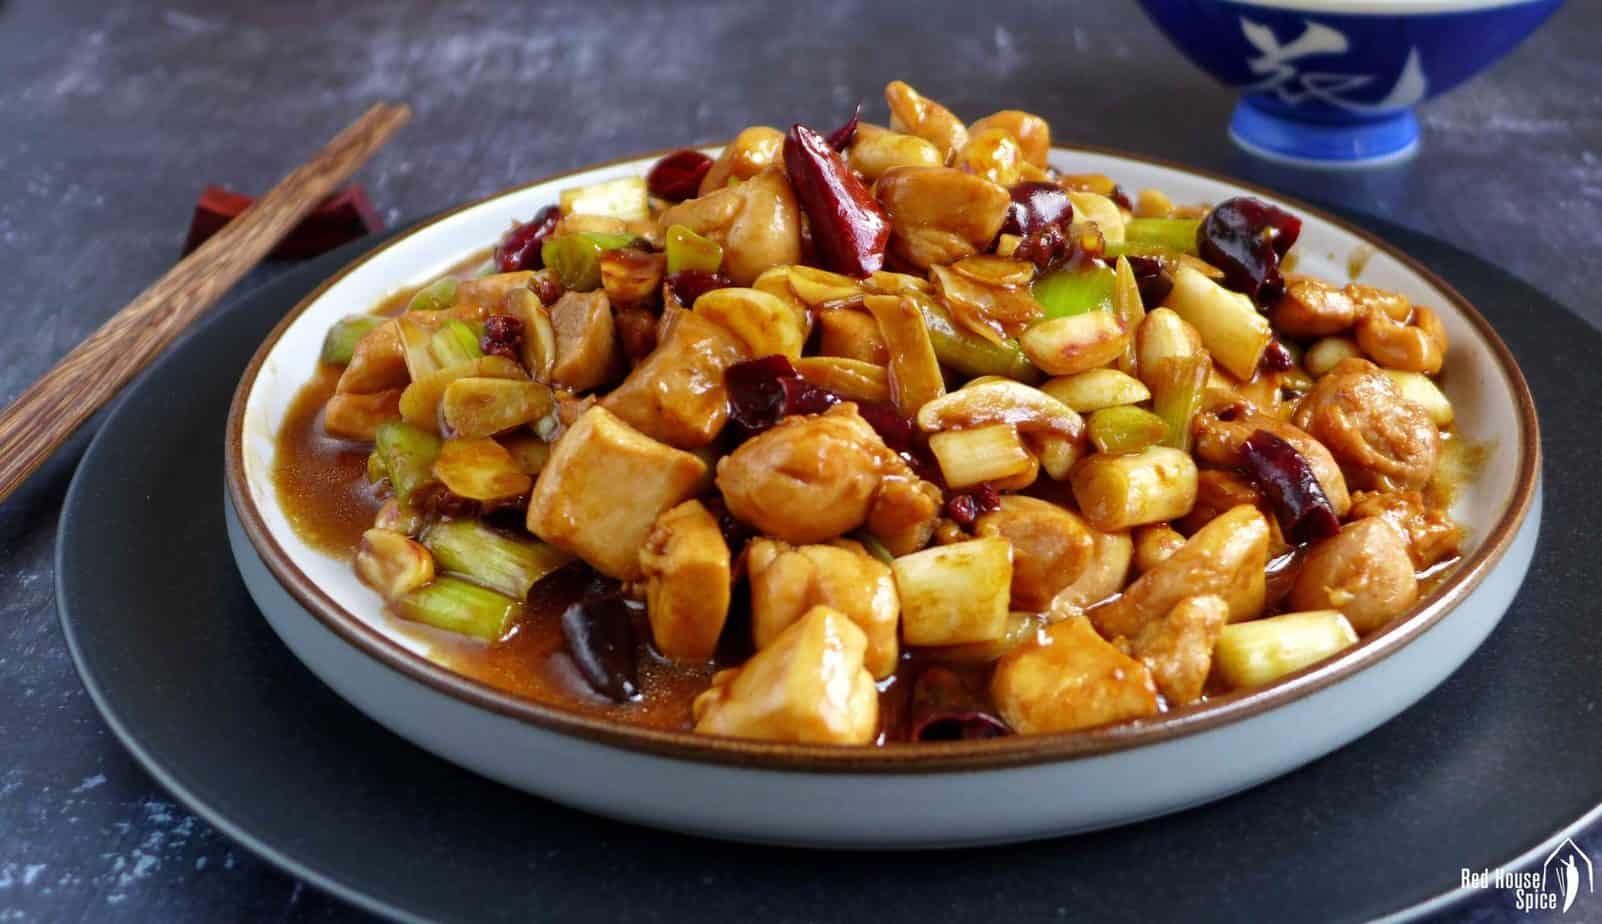 Gong Bao chicken stir-fry